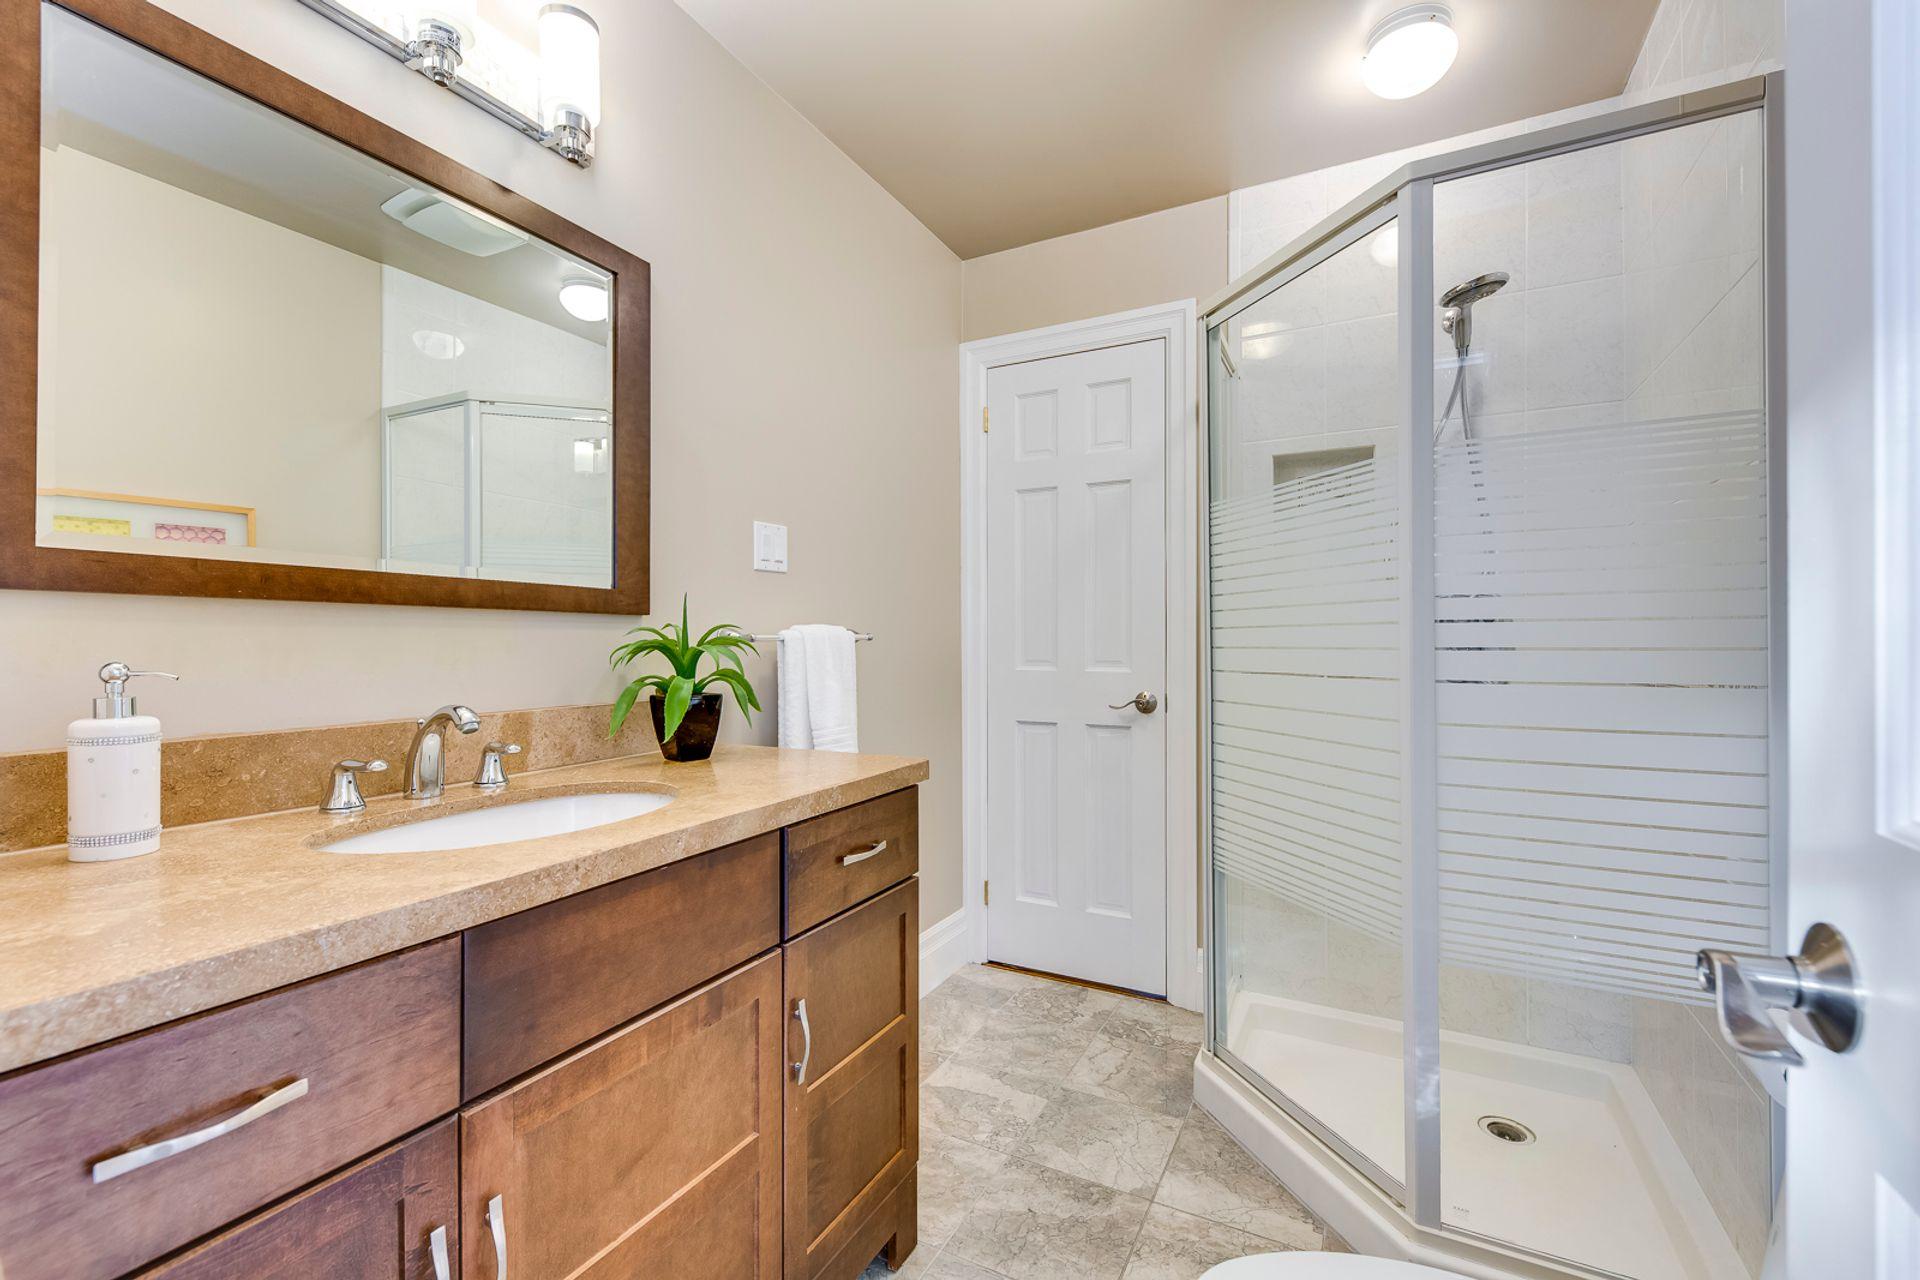 Jack & Jill Bathroom - 1321 Brookstar Drive, Oakville - Elite3 & Team at 437 Allan Street, Old Oakville, Oakville